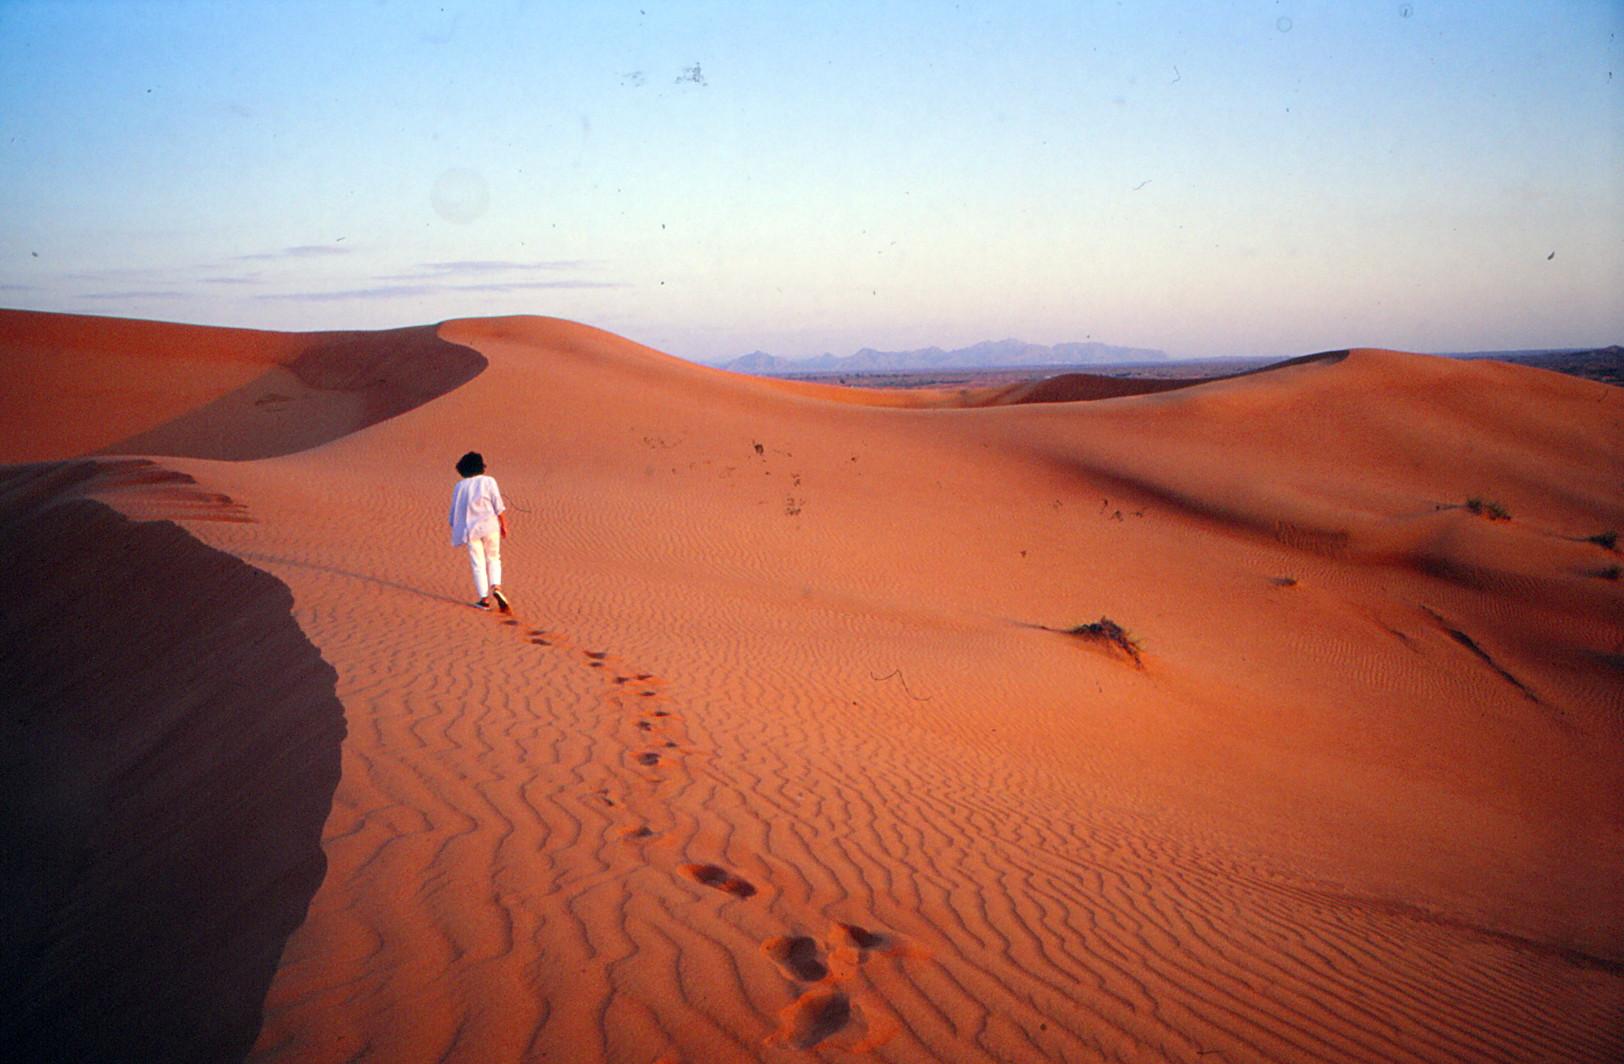 einsam in der Wüste von Dubai